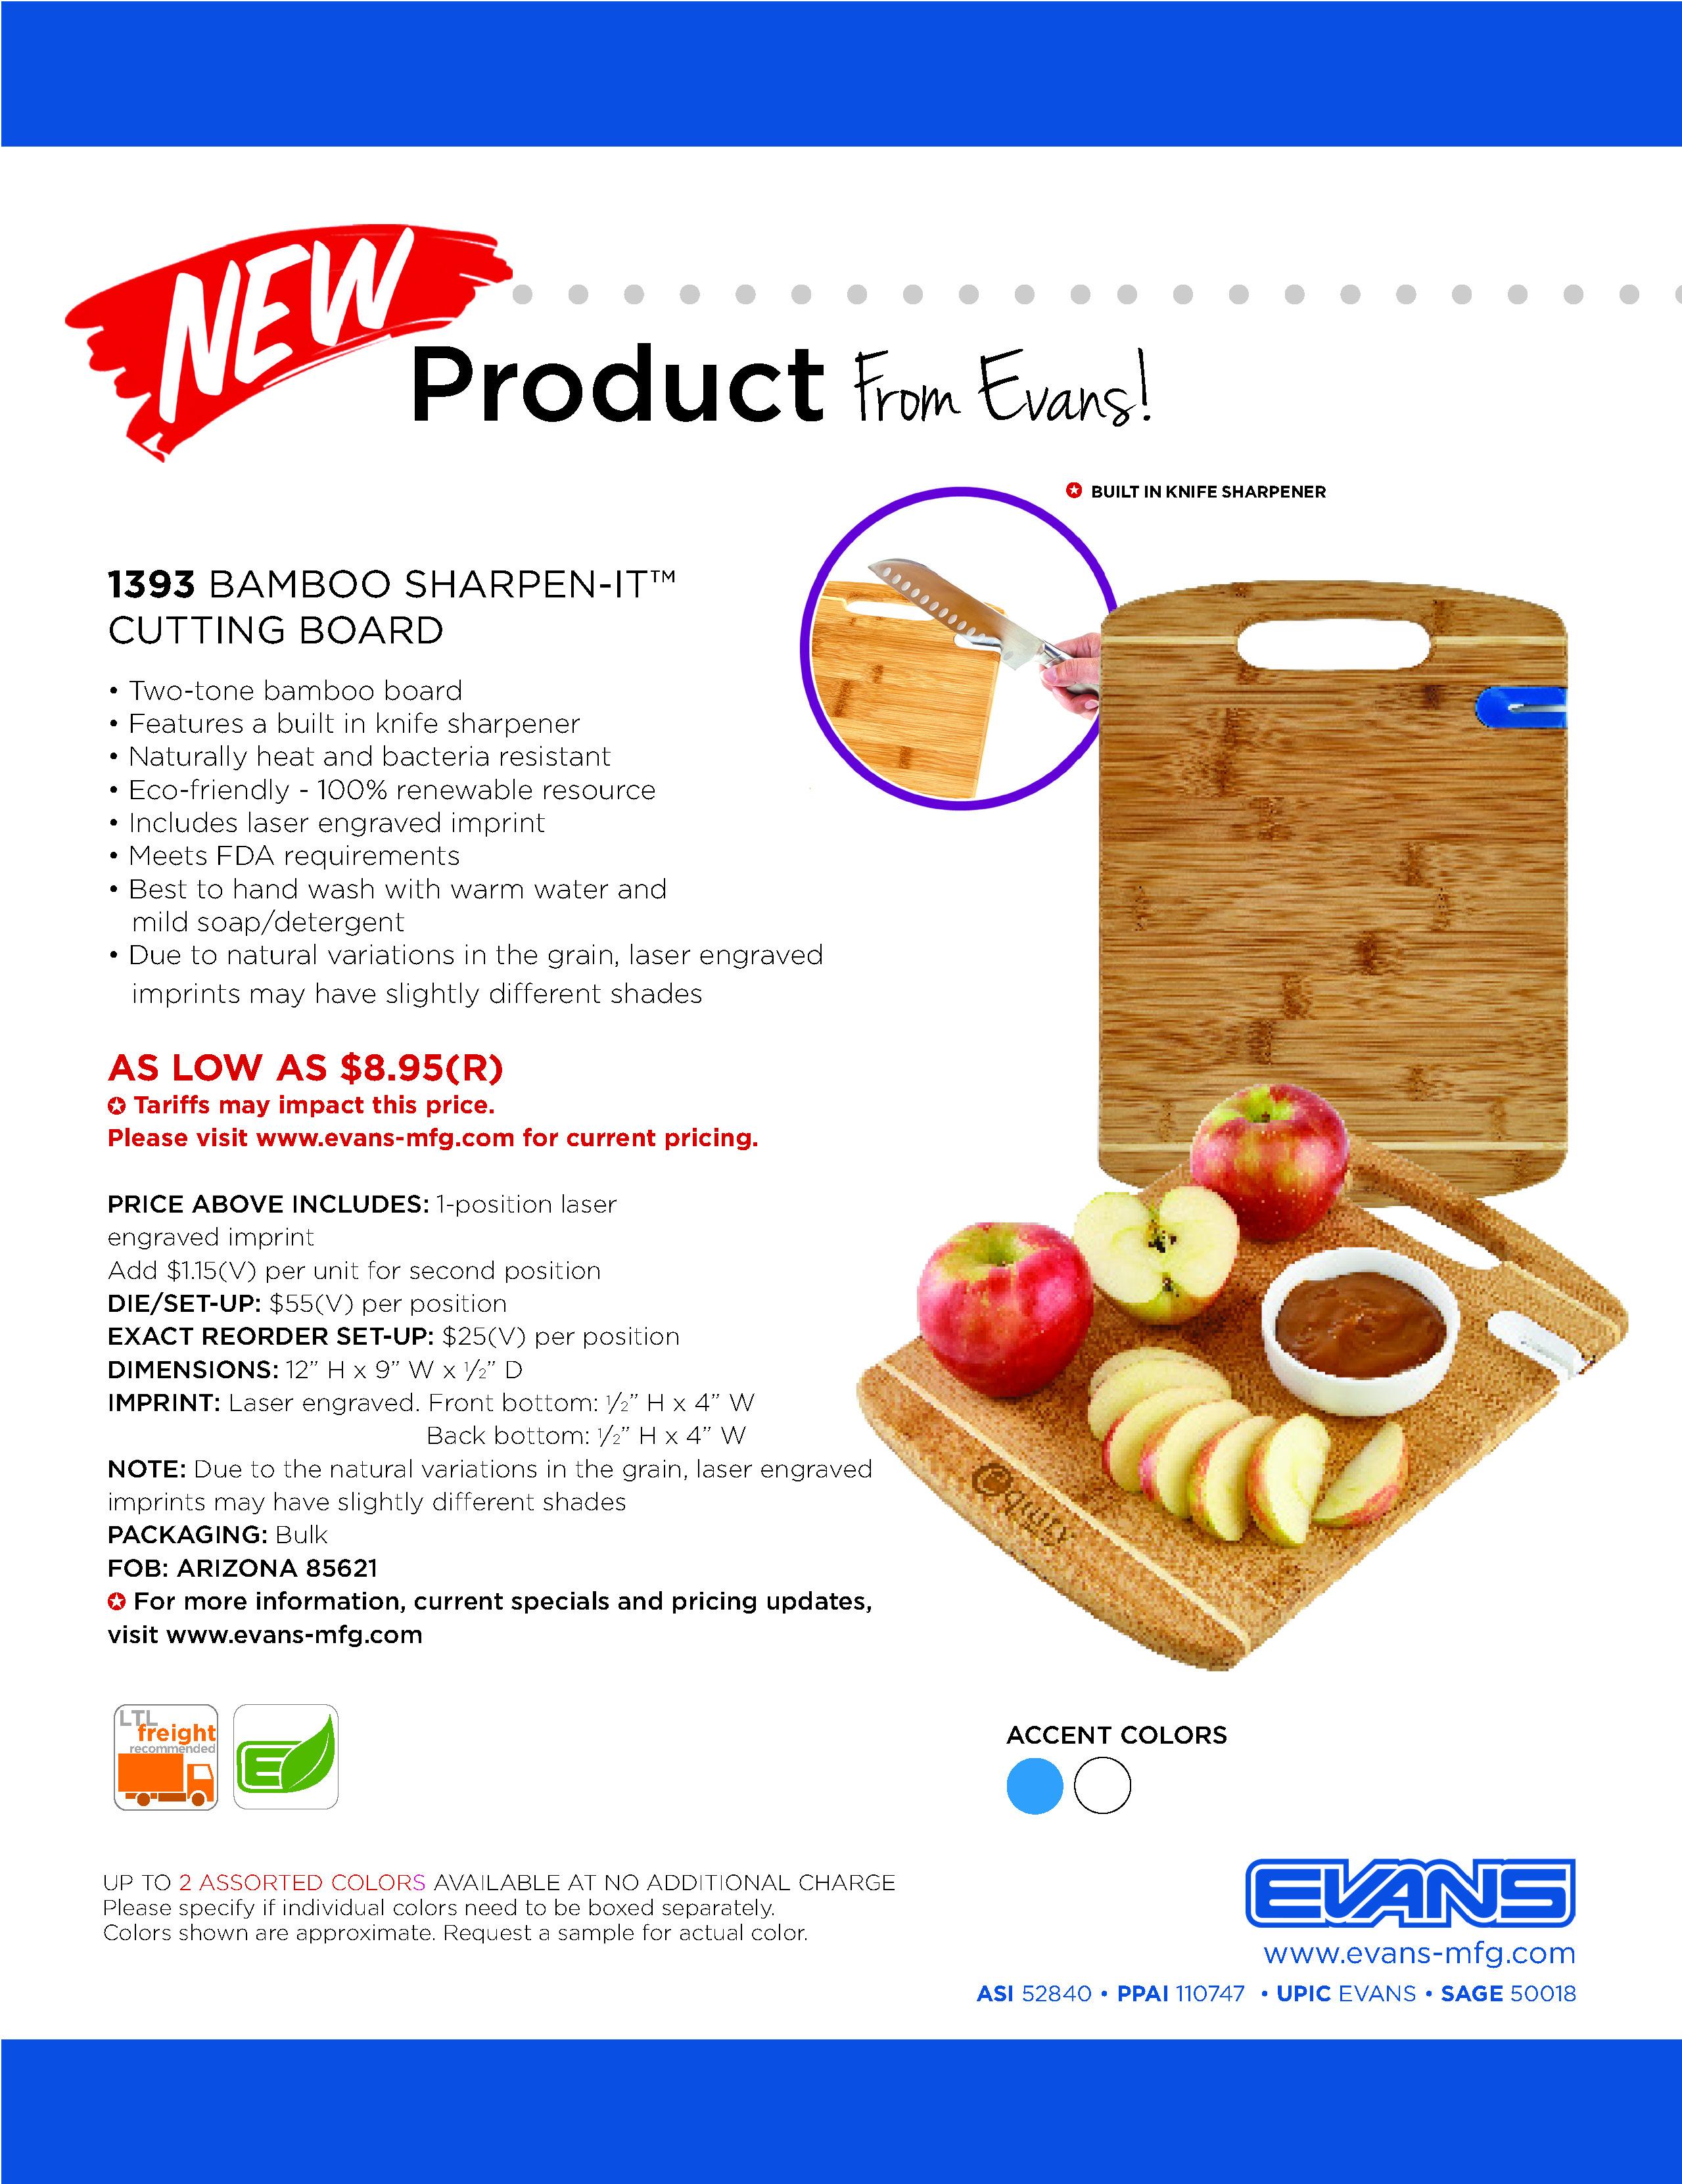 1393 Bamboo Sharpen-It™ Cutting Board